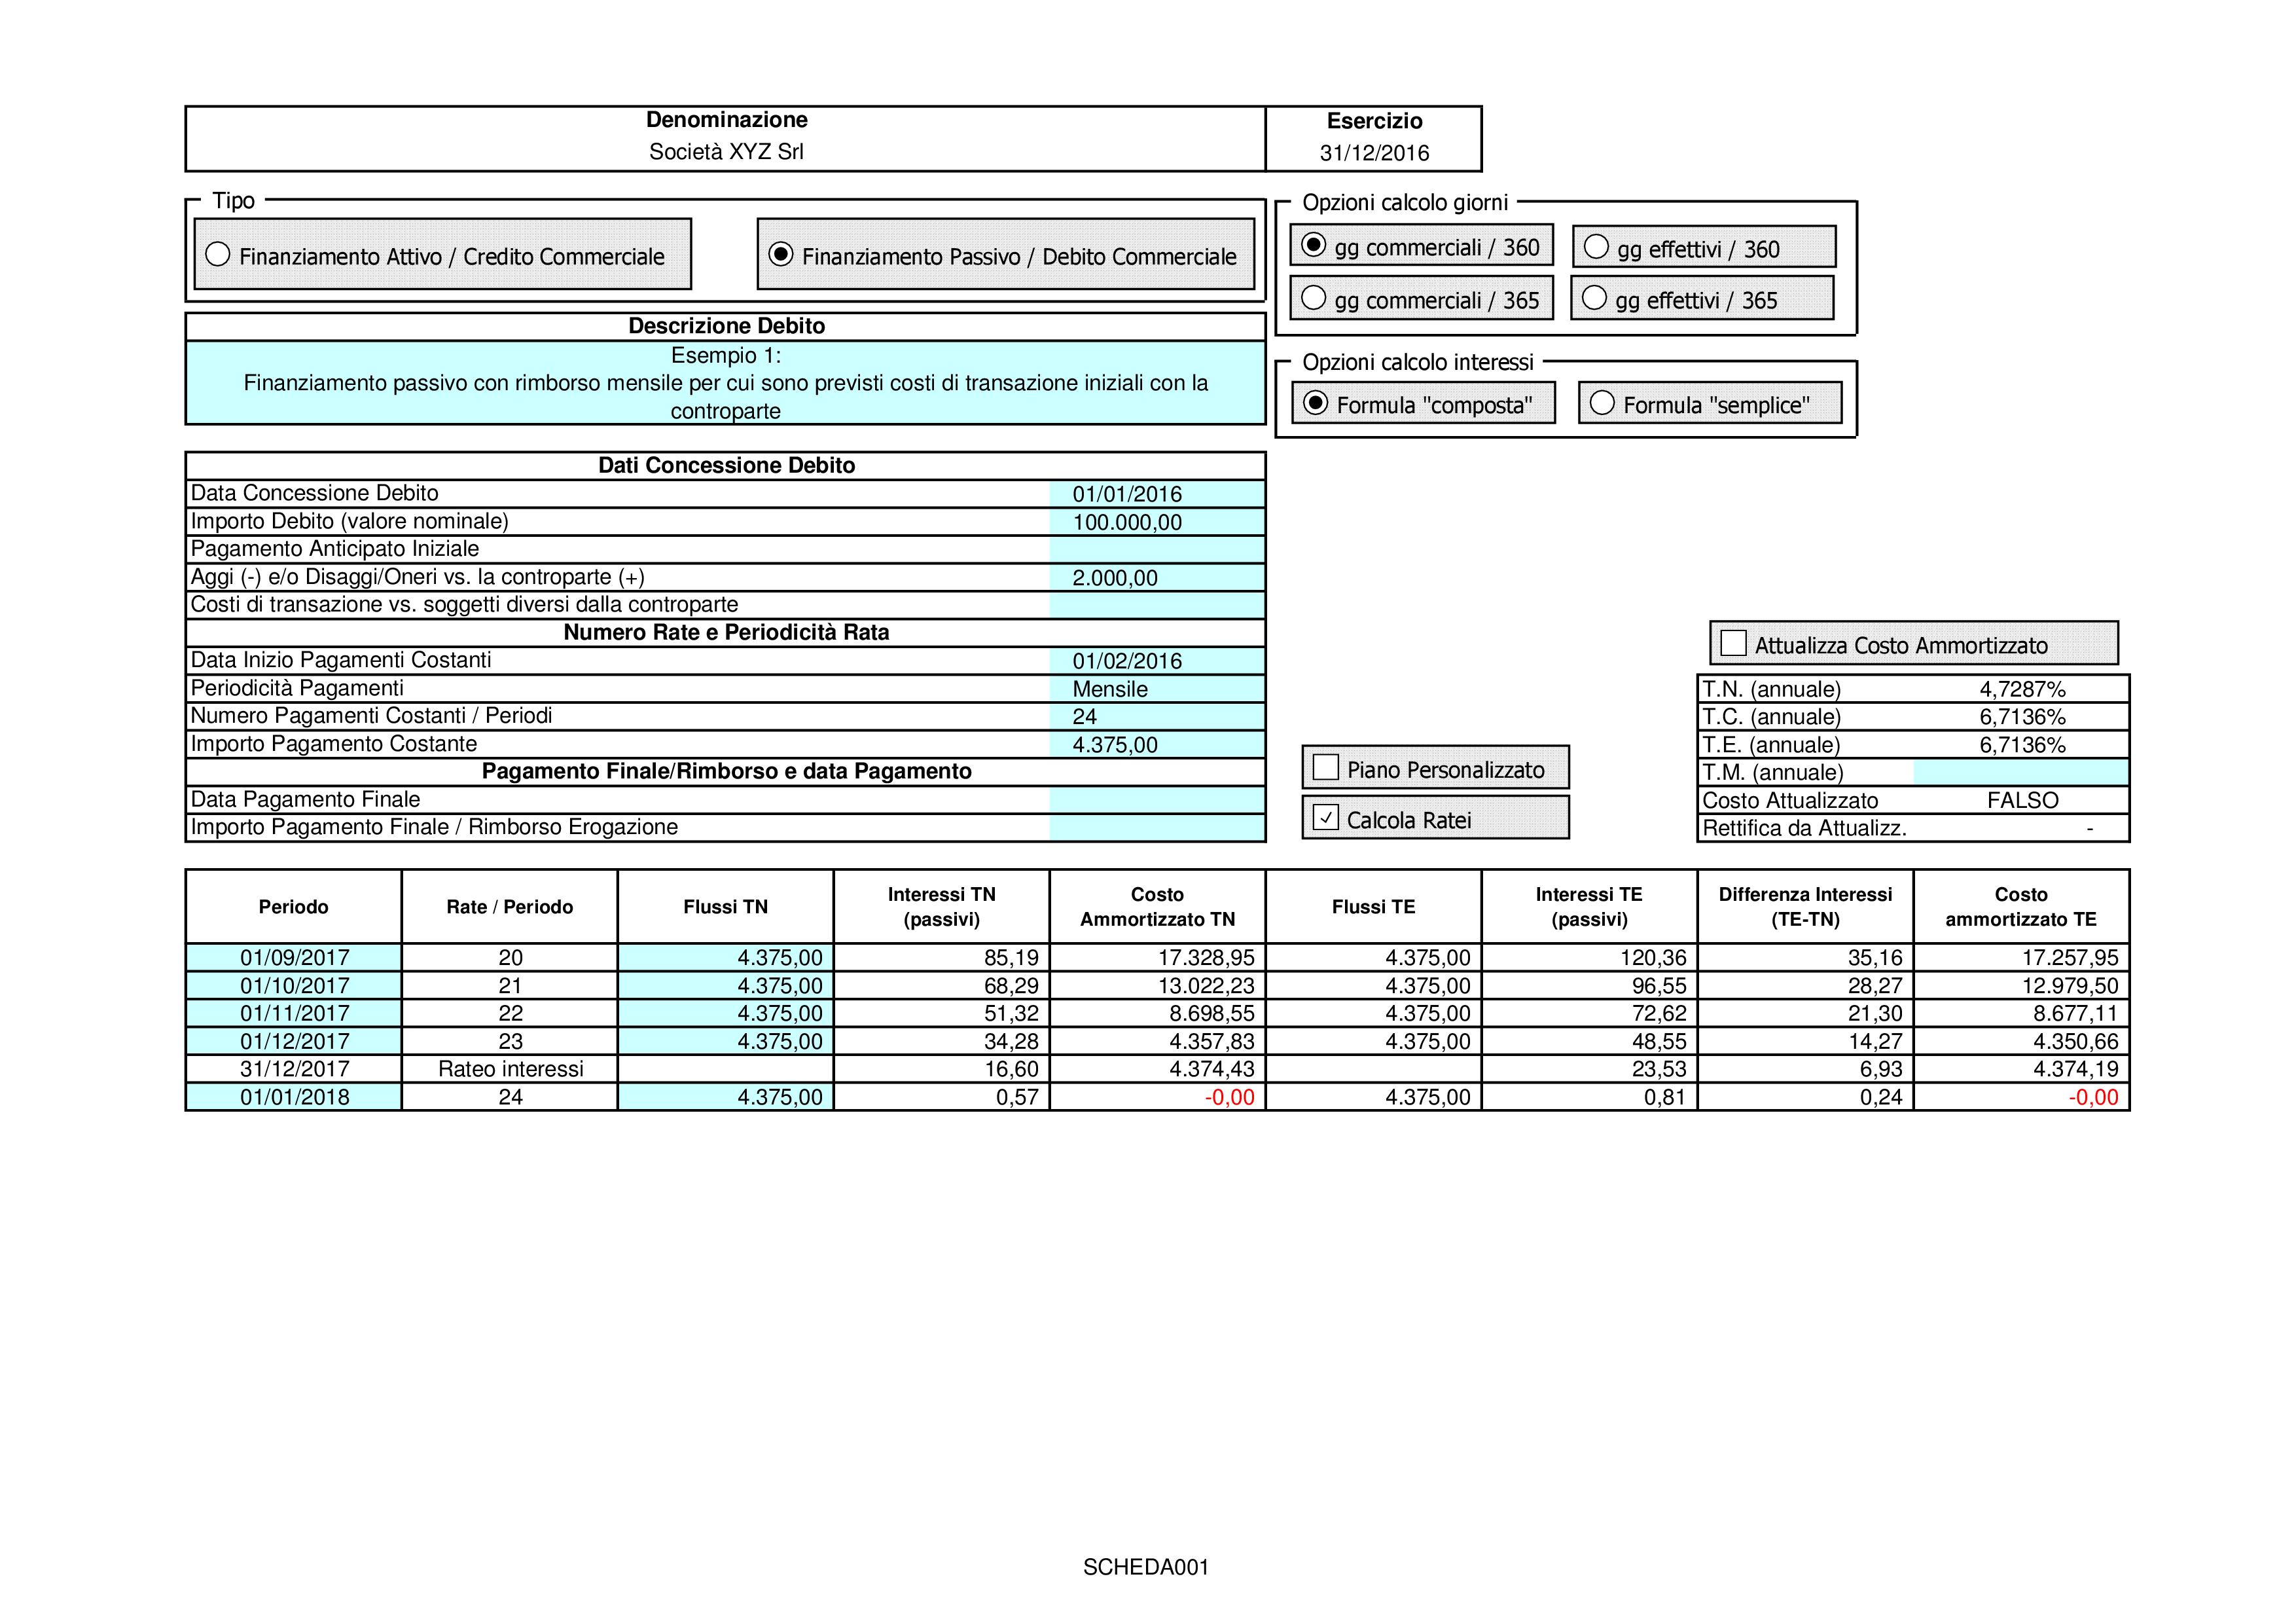 CREDITI DEBITI: valutazione costo ammortizzato 2018 - Immagine 3 / 12